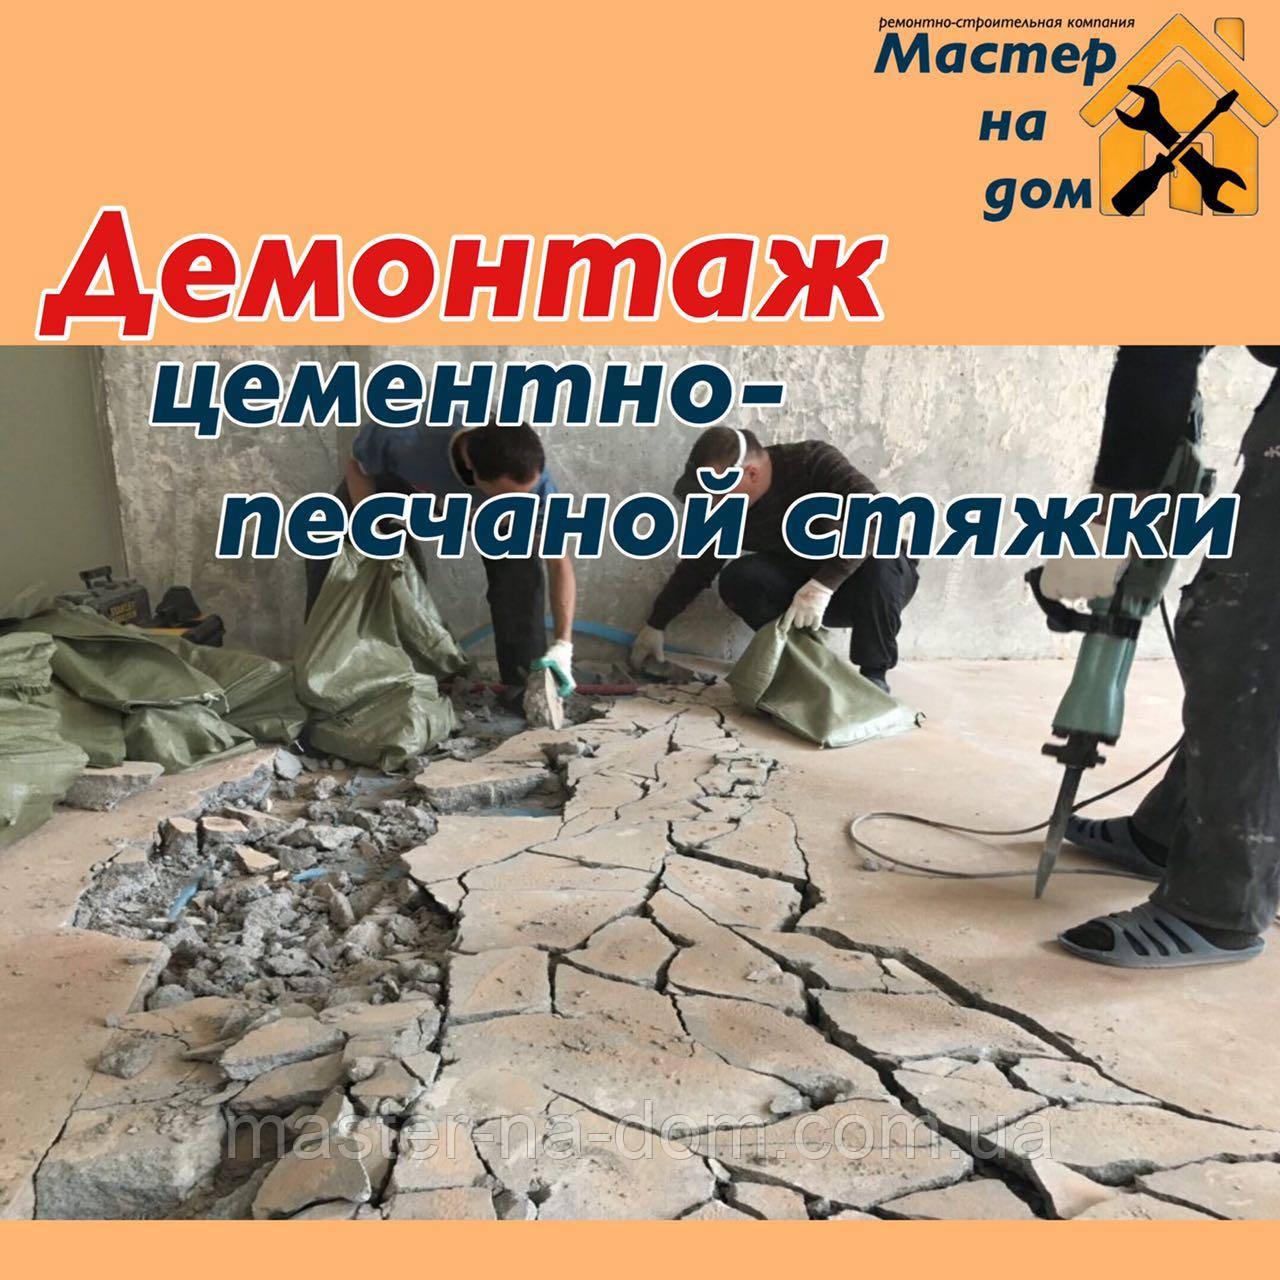 Демонтаж цементно-песчаной стяжки пола в Николаеве